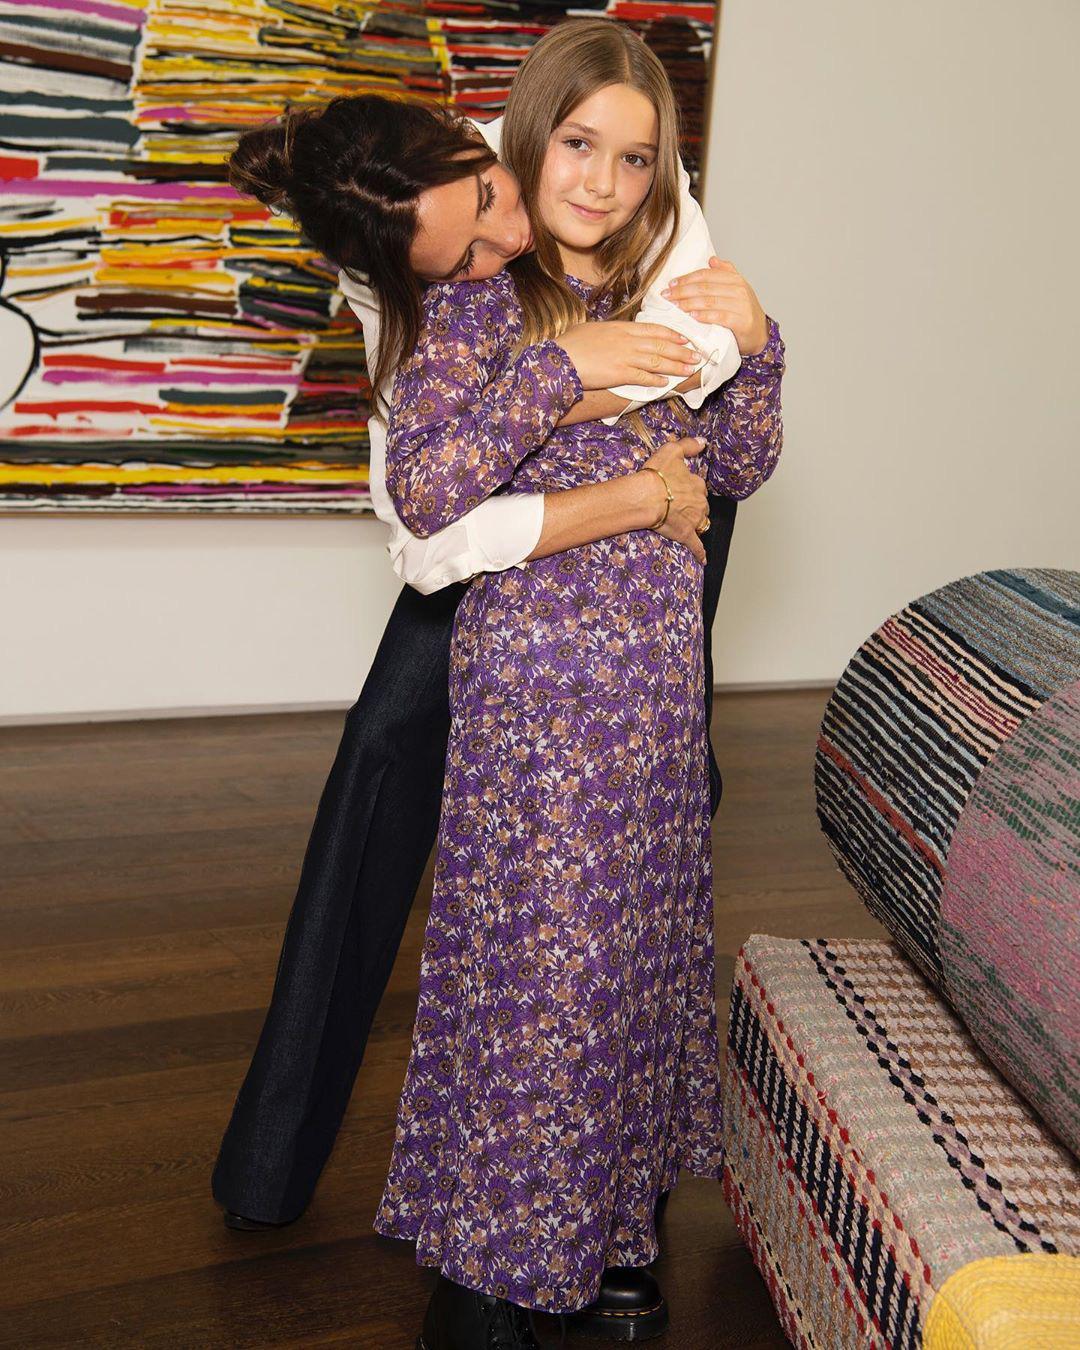 Cô út Harper Beckham xúng xính diện váy do mẹ Vic thiết kế riêng nhưng bộ cánh này lại gây nhiều khen chê trái chiều - Ảnh 1.